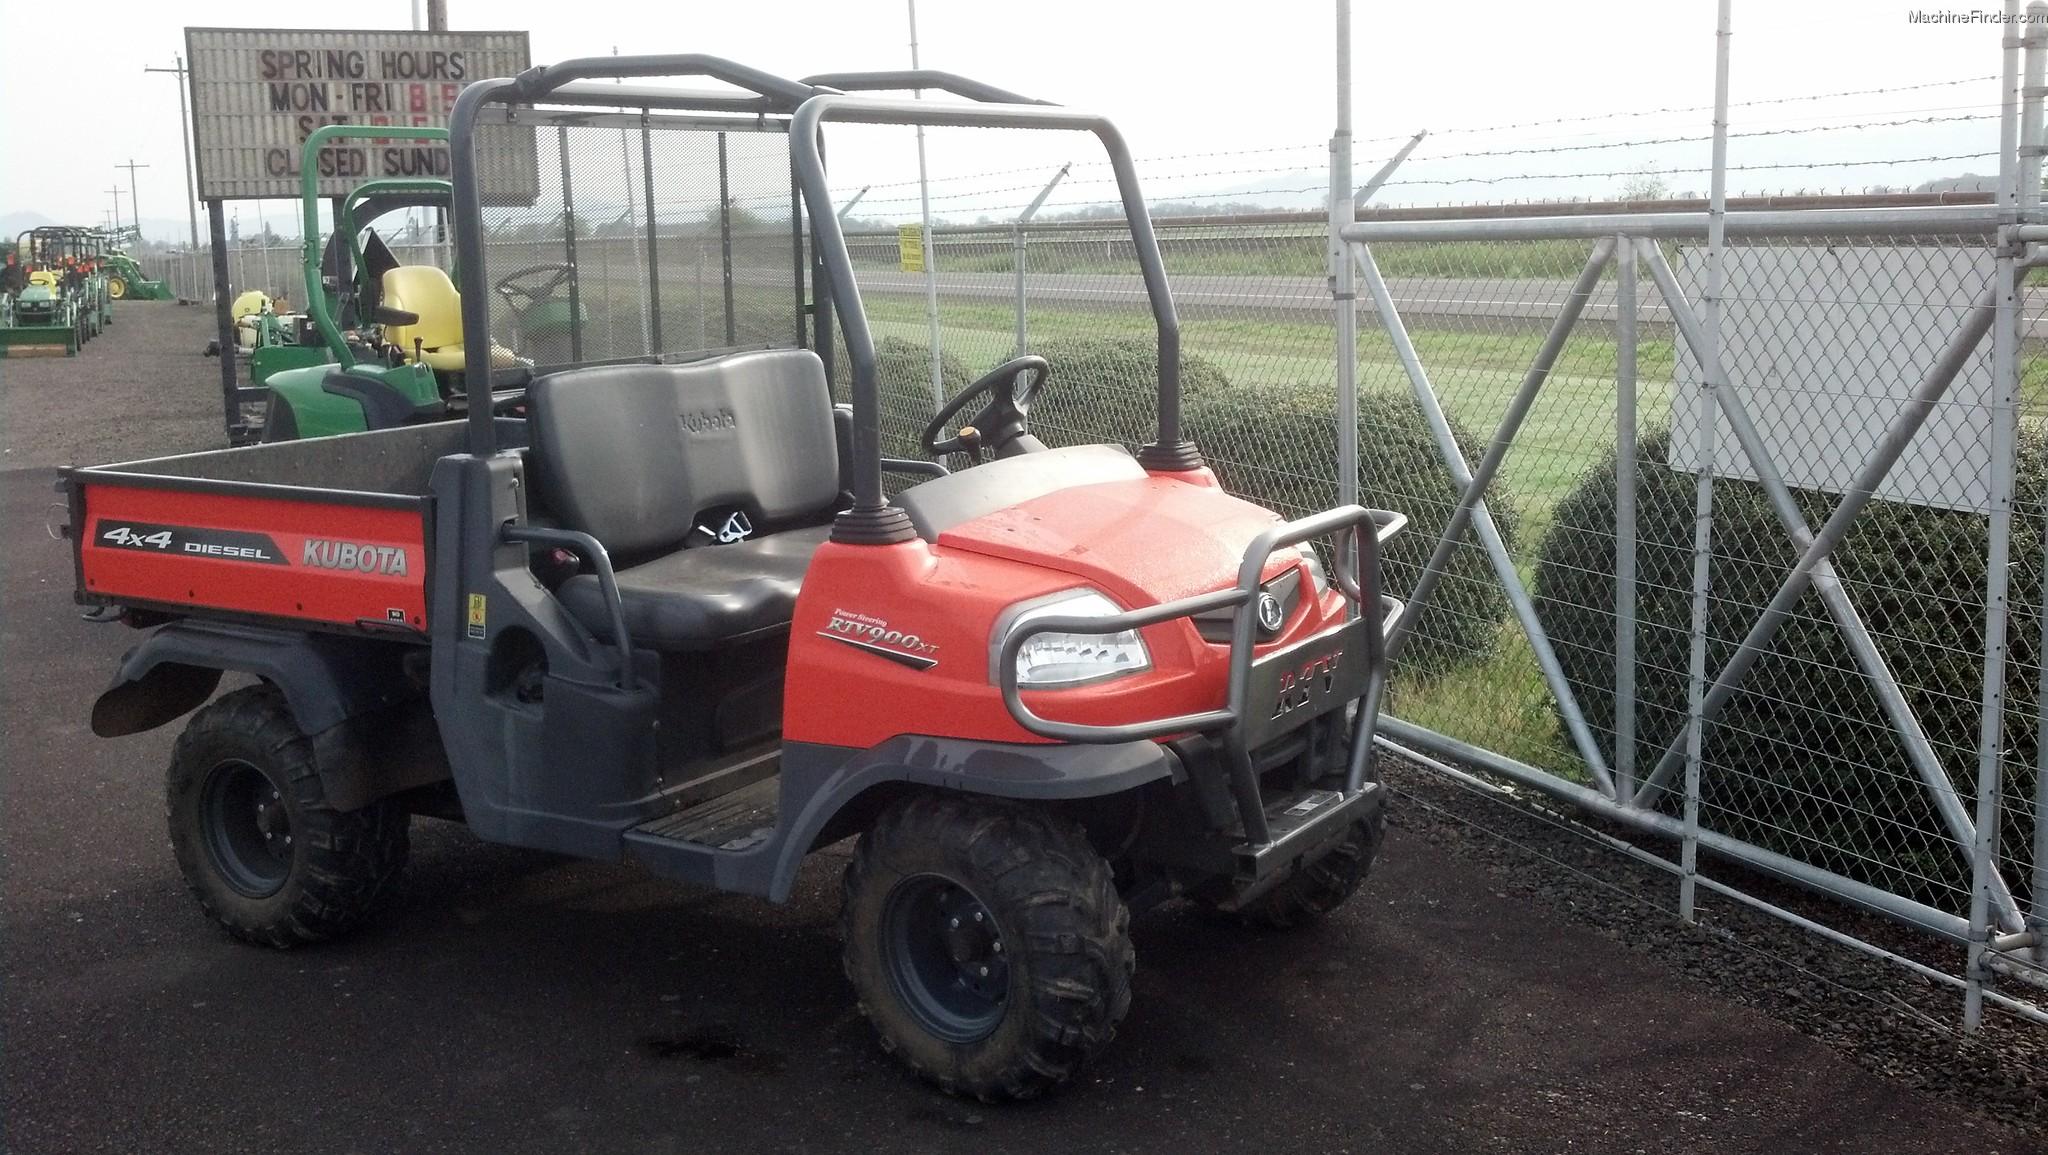 2011 Kubota Rtv900 : Kubota rtv atv s and gators john deere machinefinder